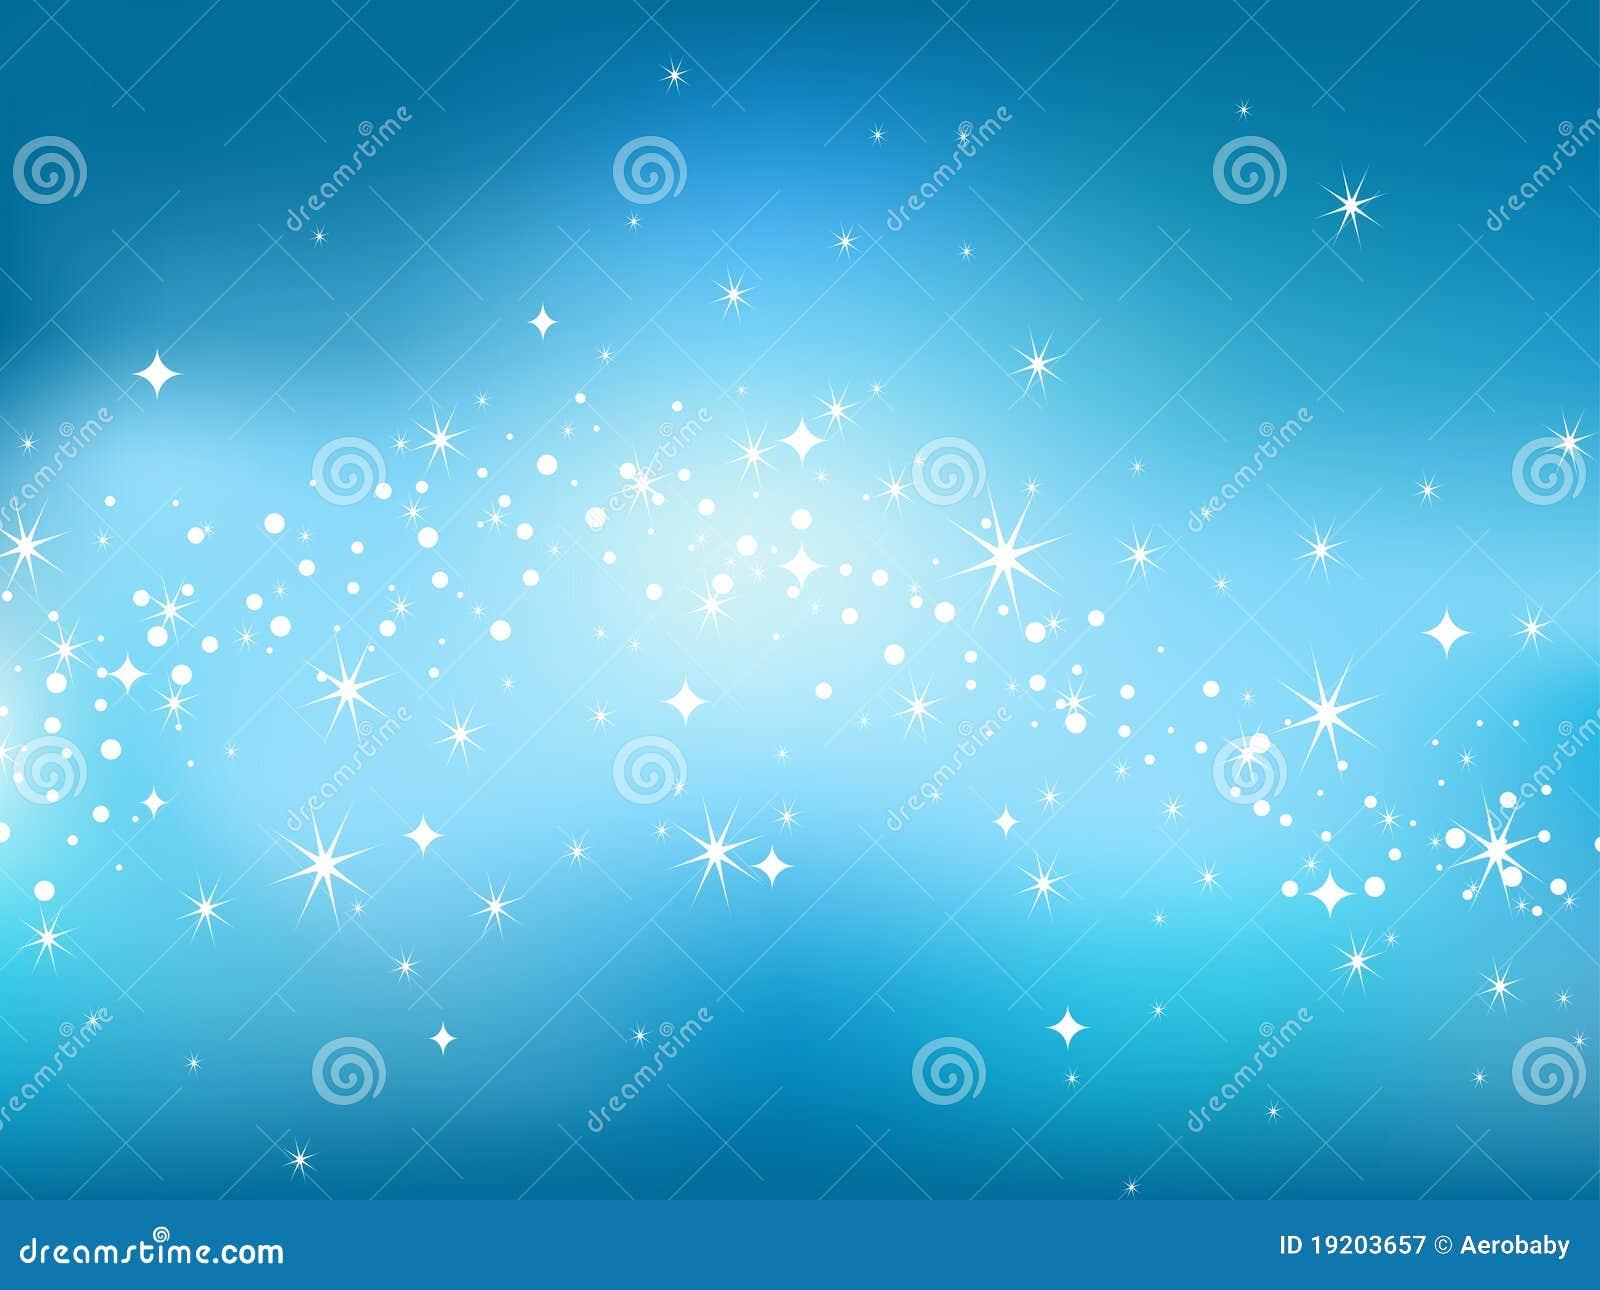 Star sky backgaround.